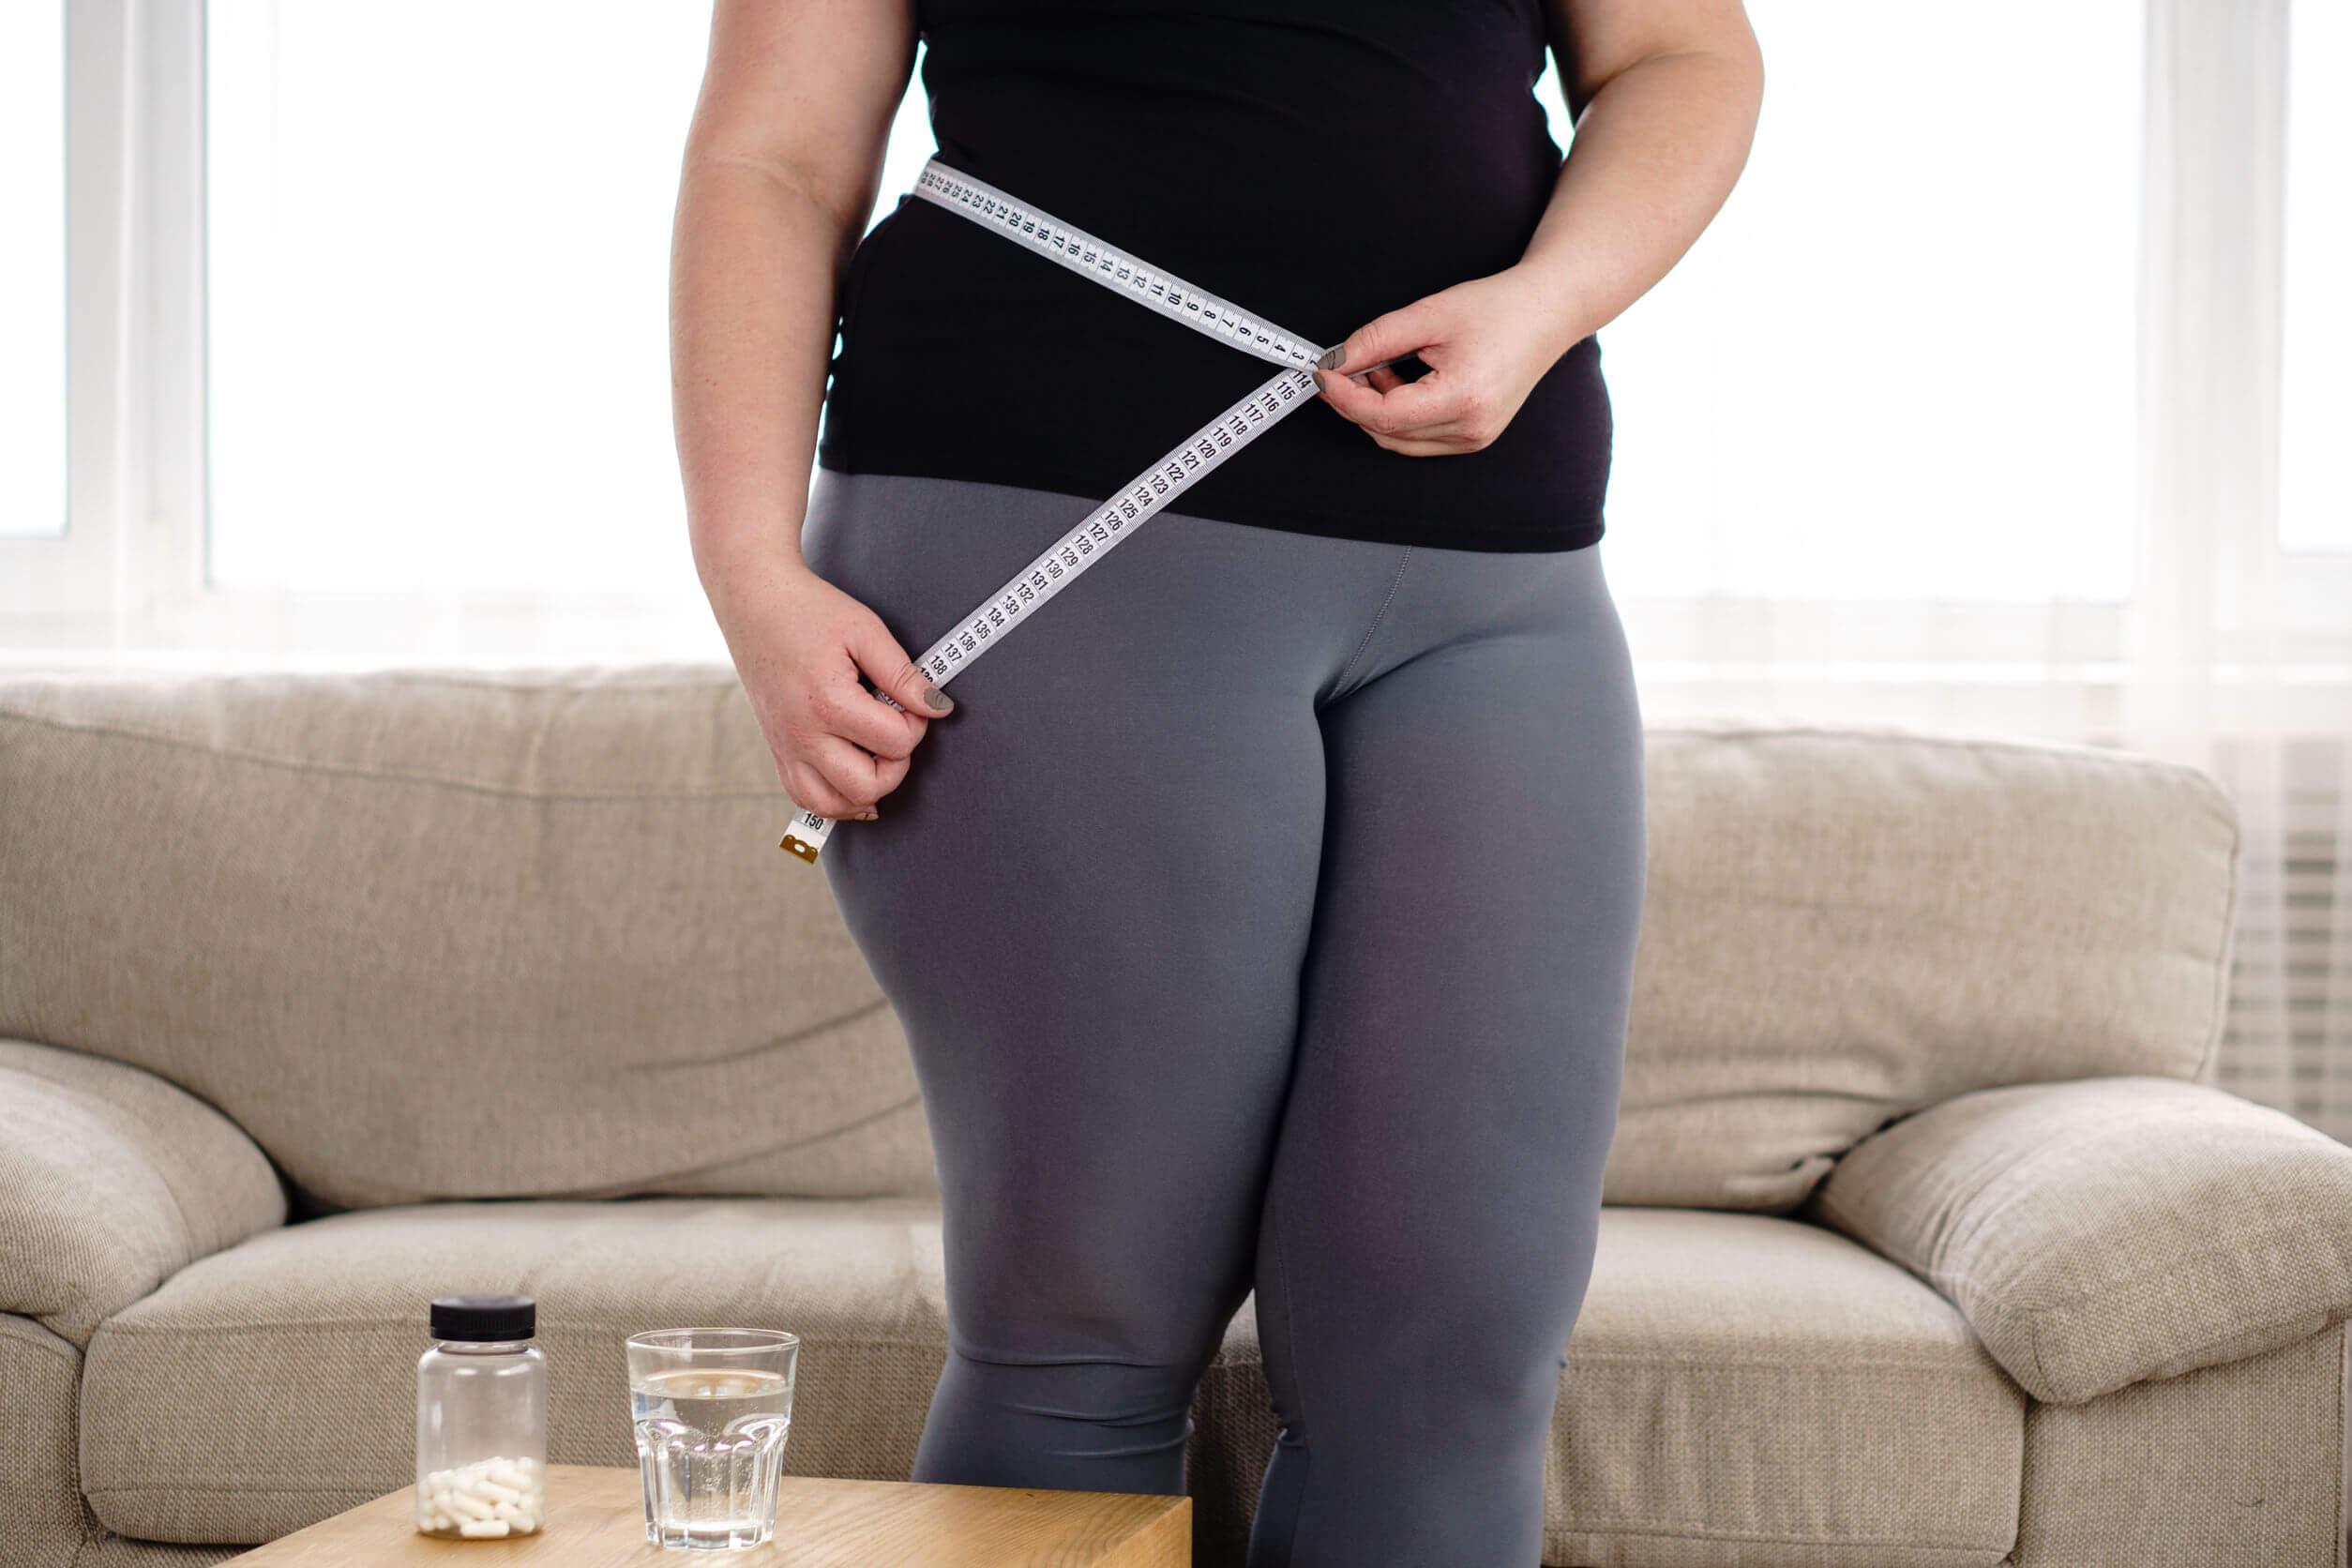 As causas e fatores de risco para o diabetes tipo 2 incluem excesso de peso e obesidade.